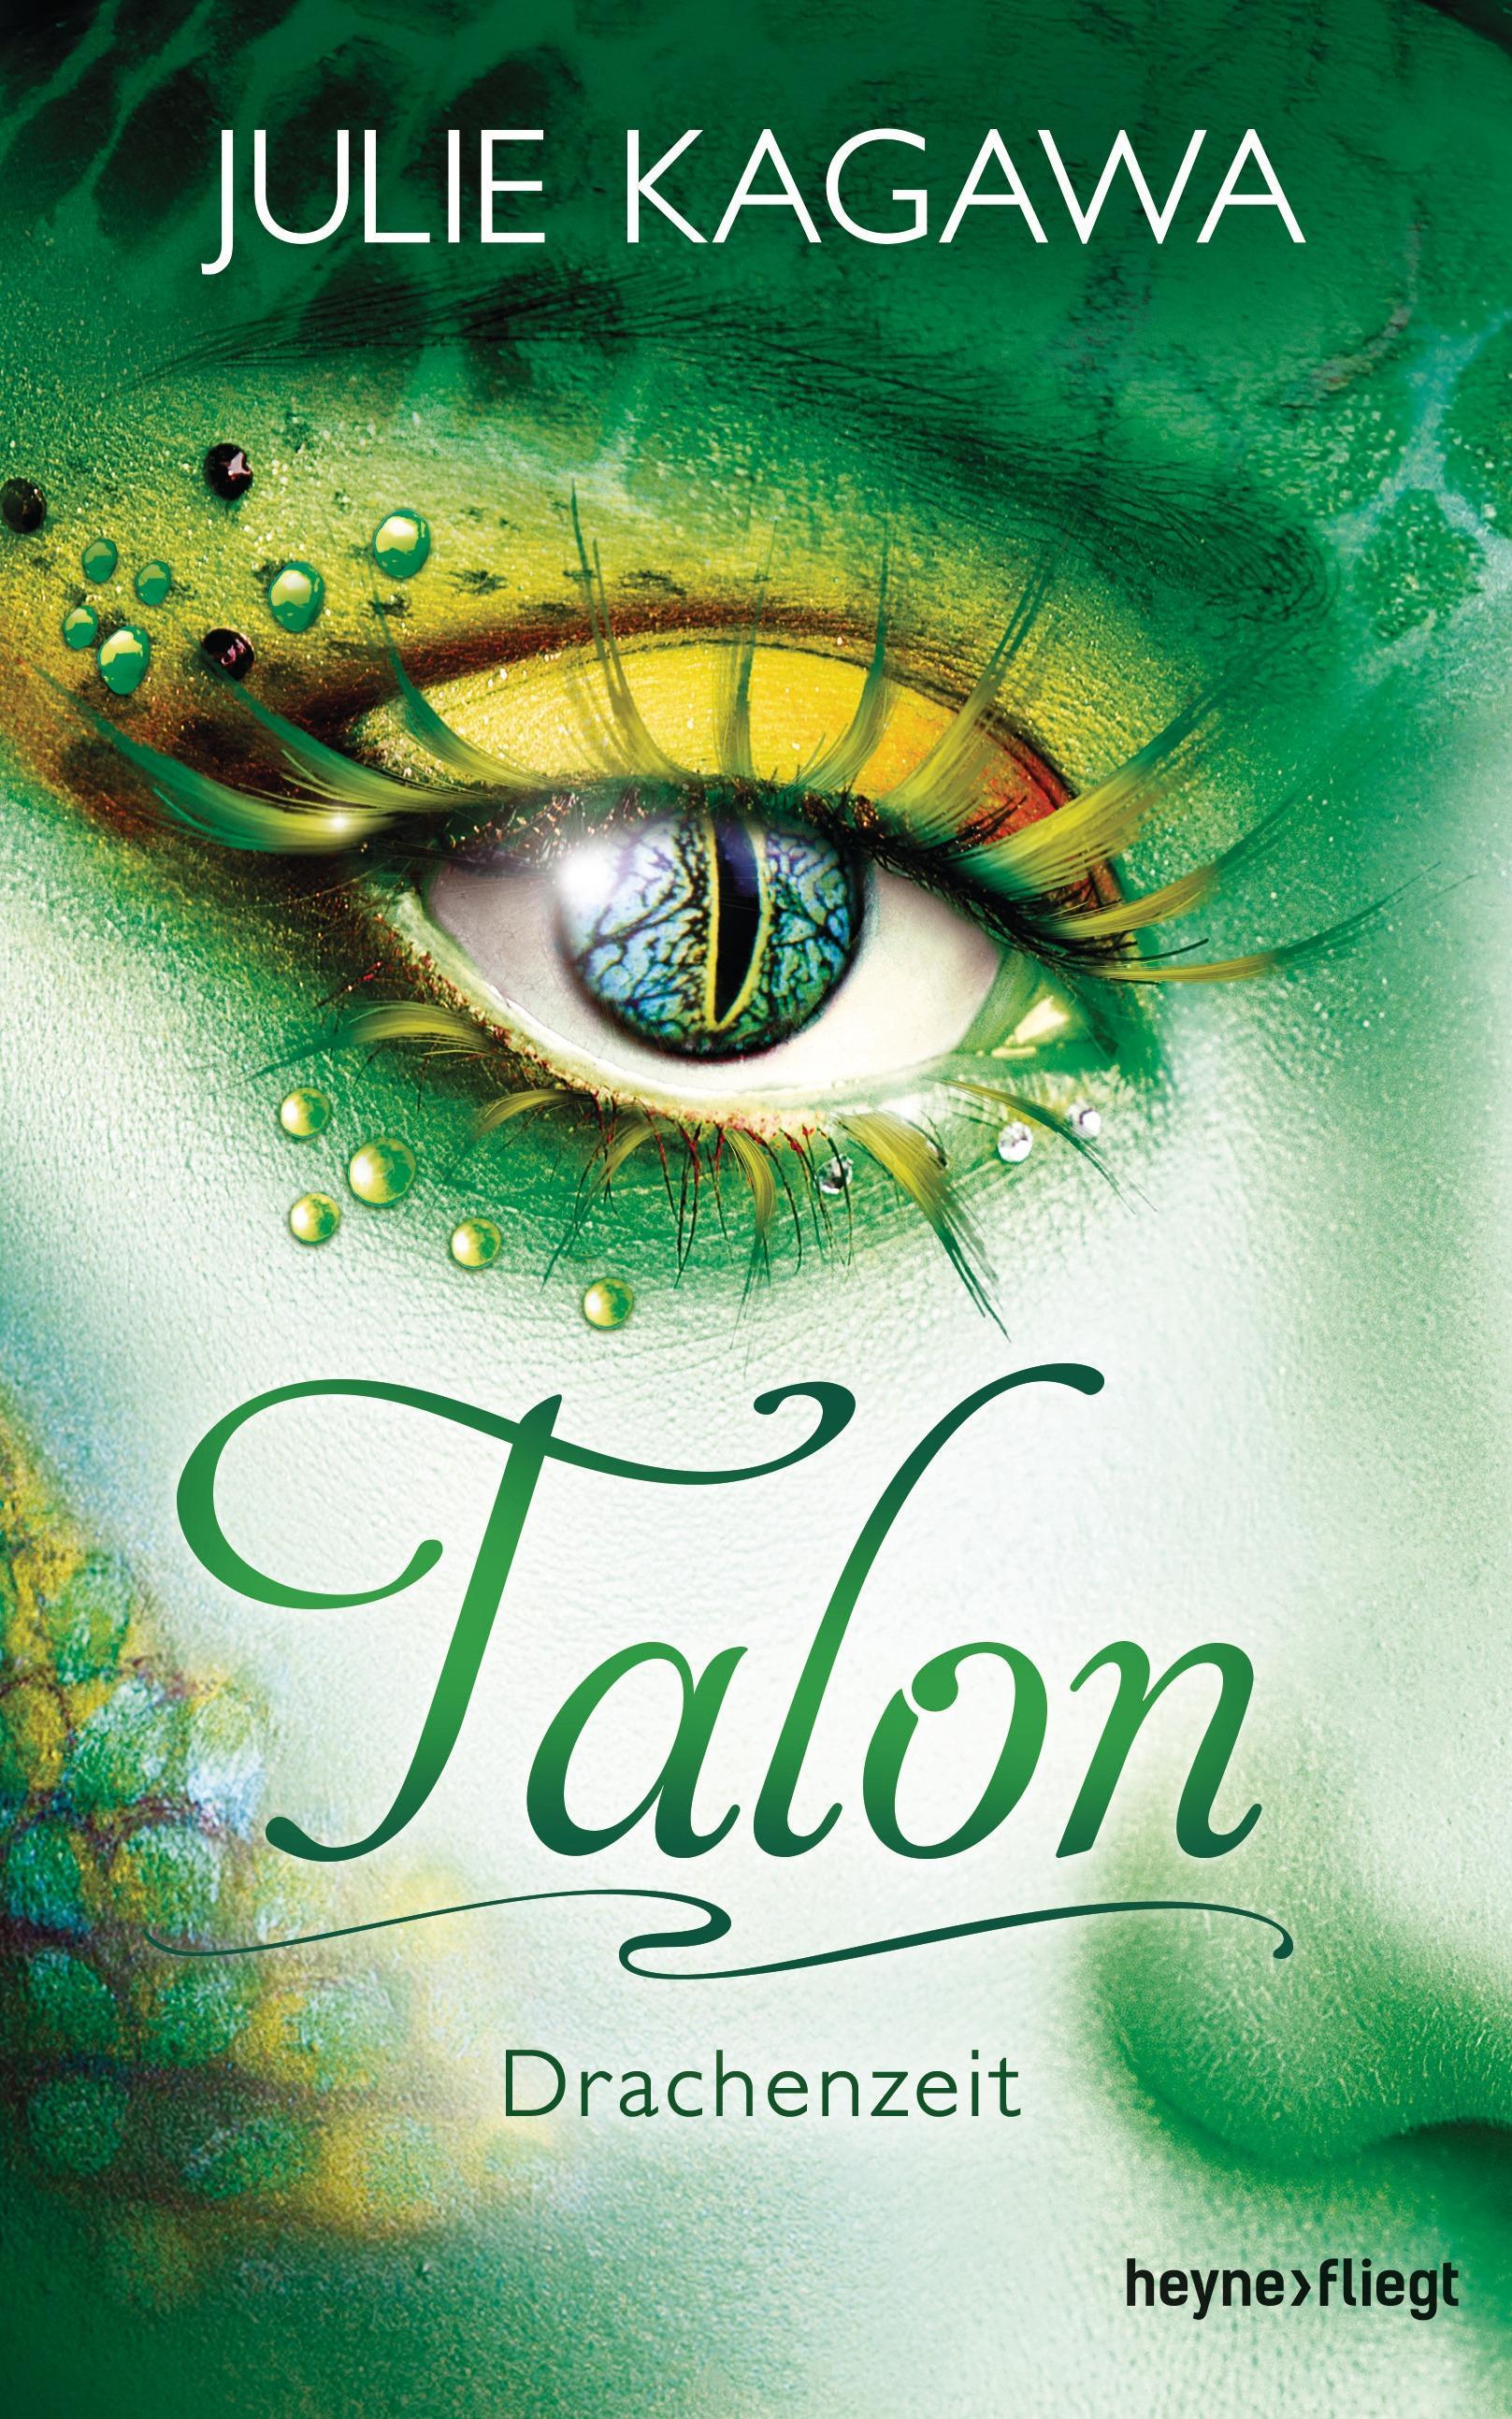 Talon - Drachenzeit Julie Kagawa Buch Talon Deutsch 2015